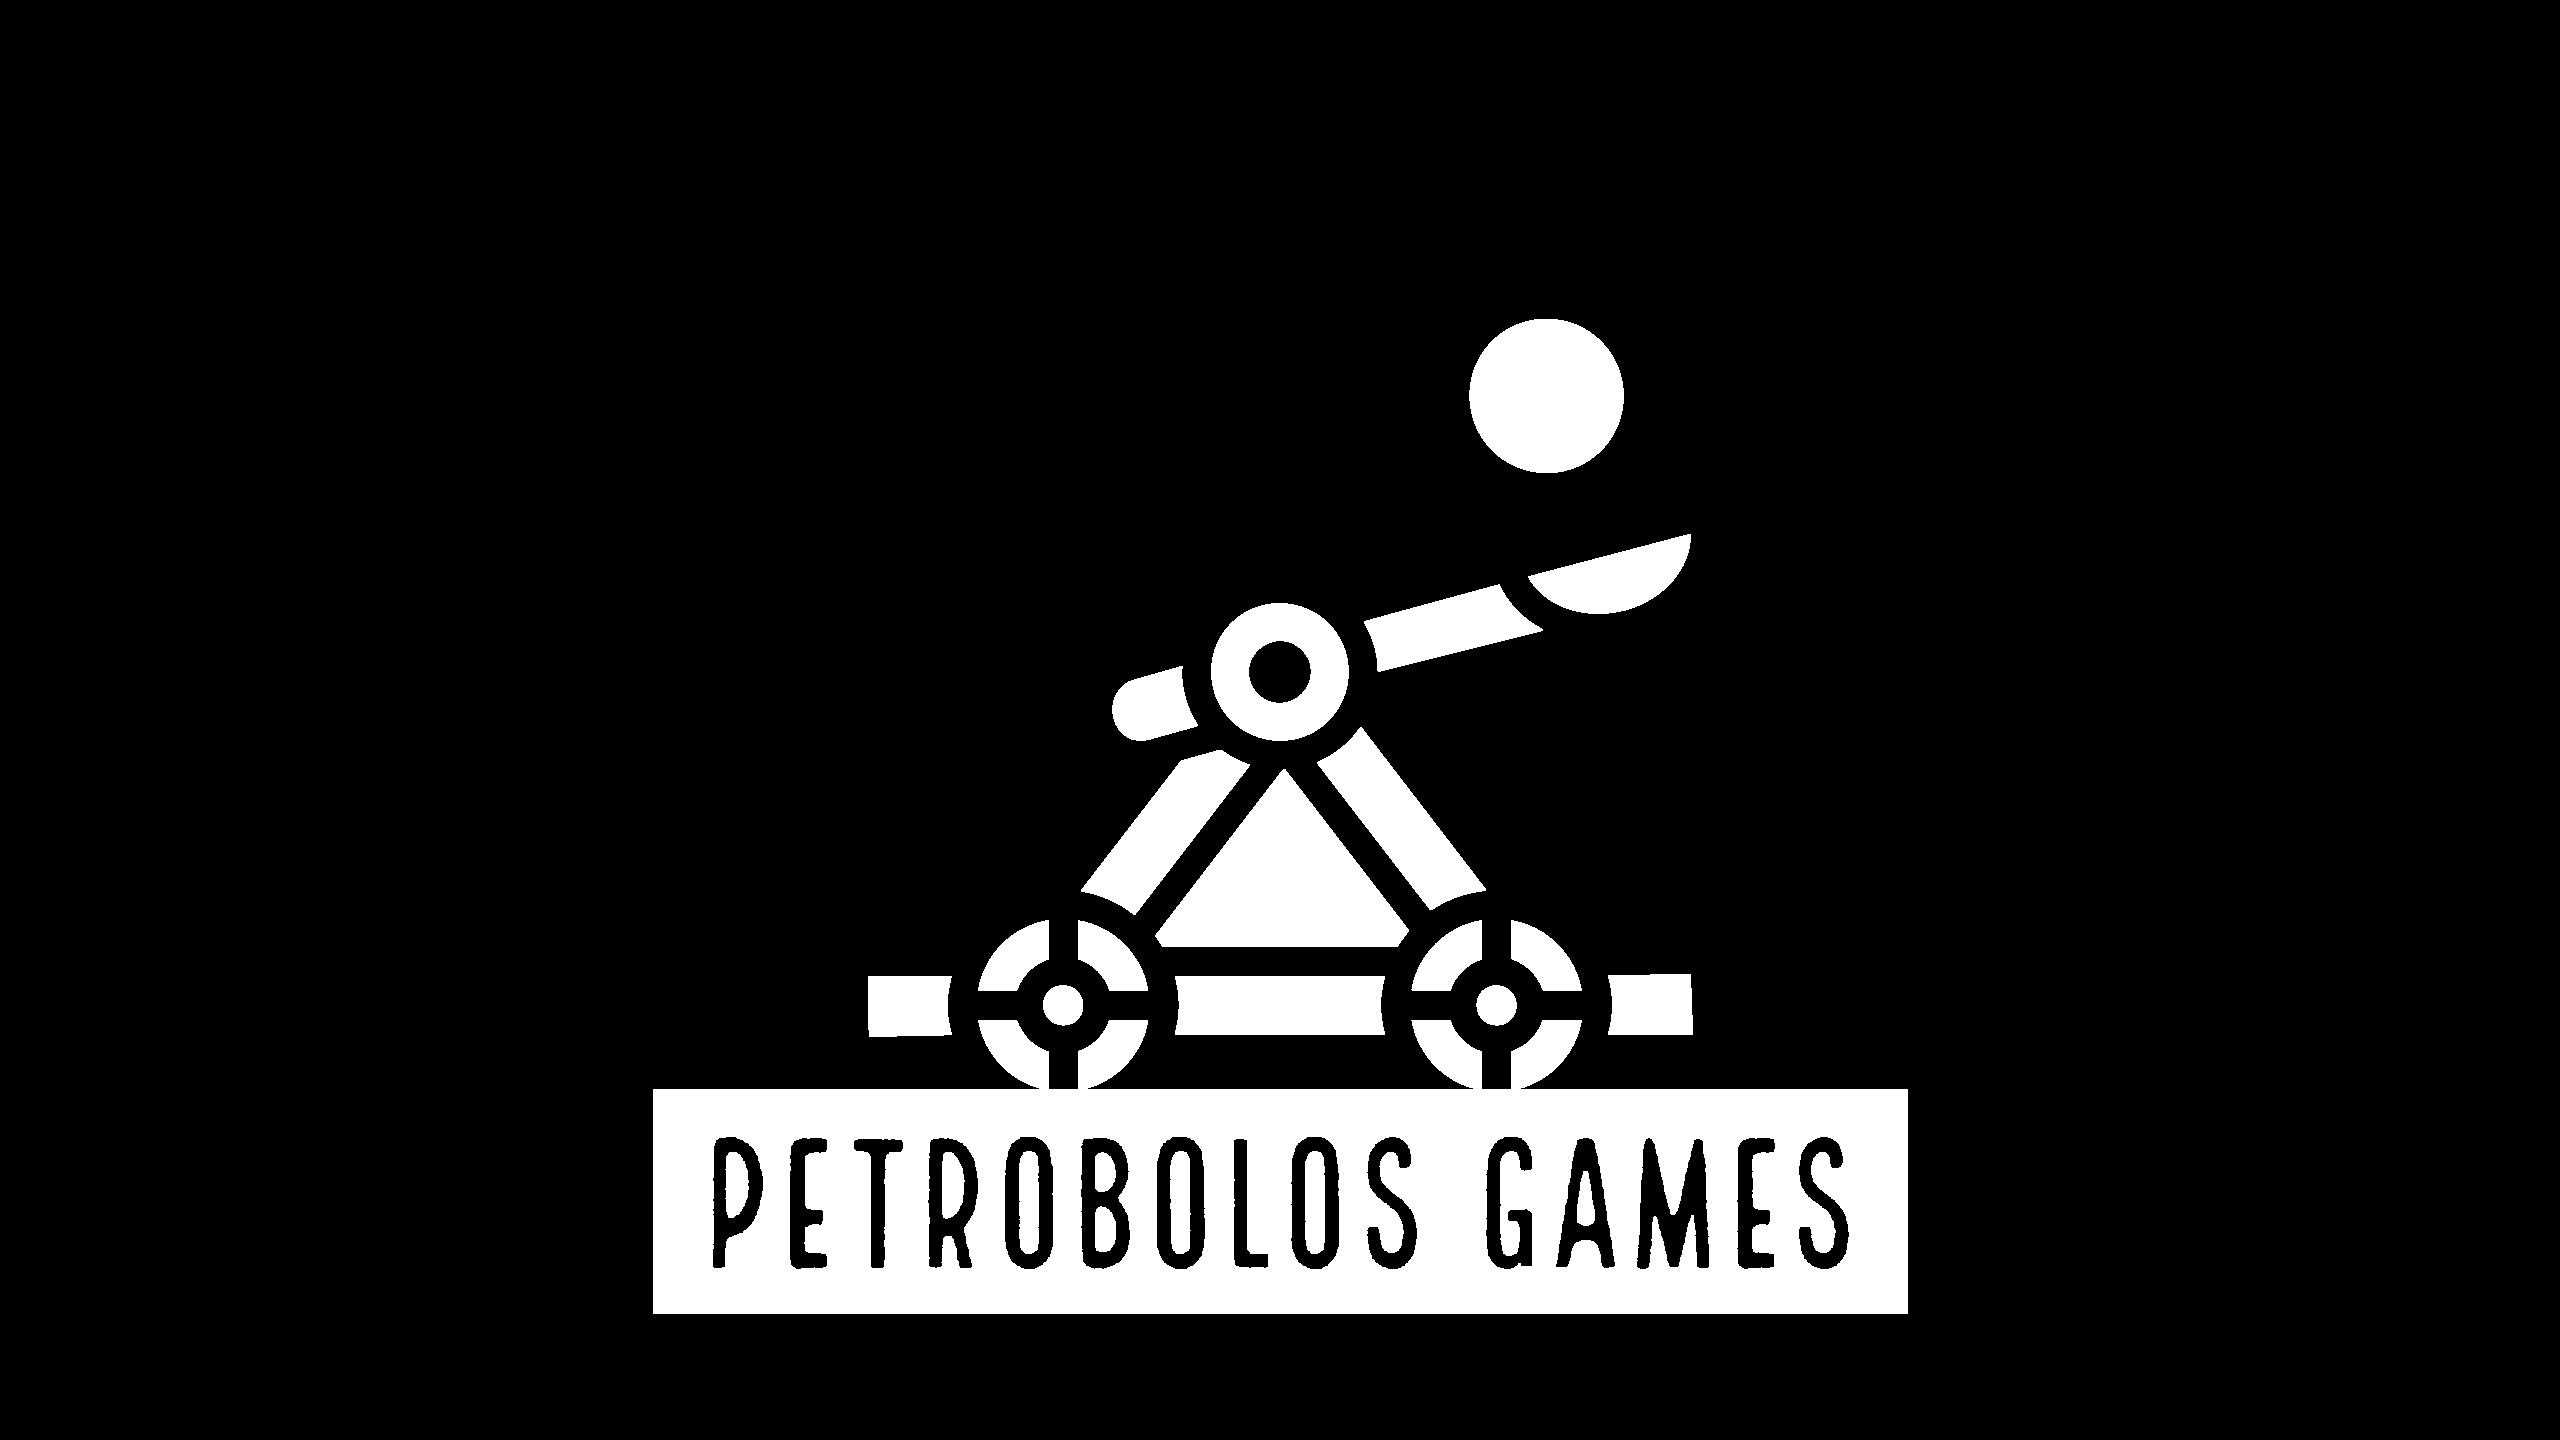 Petrobolos Games